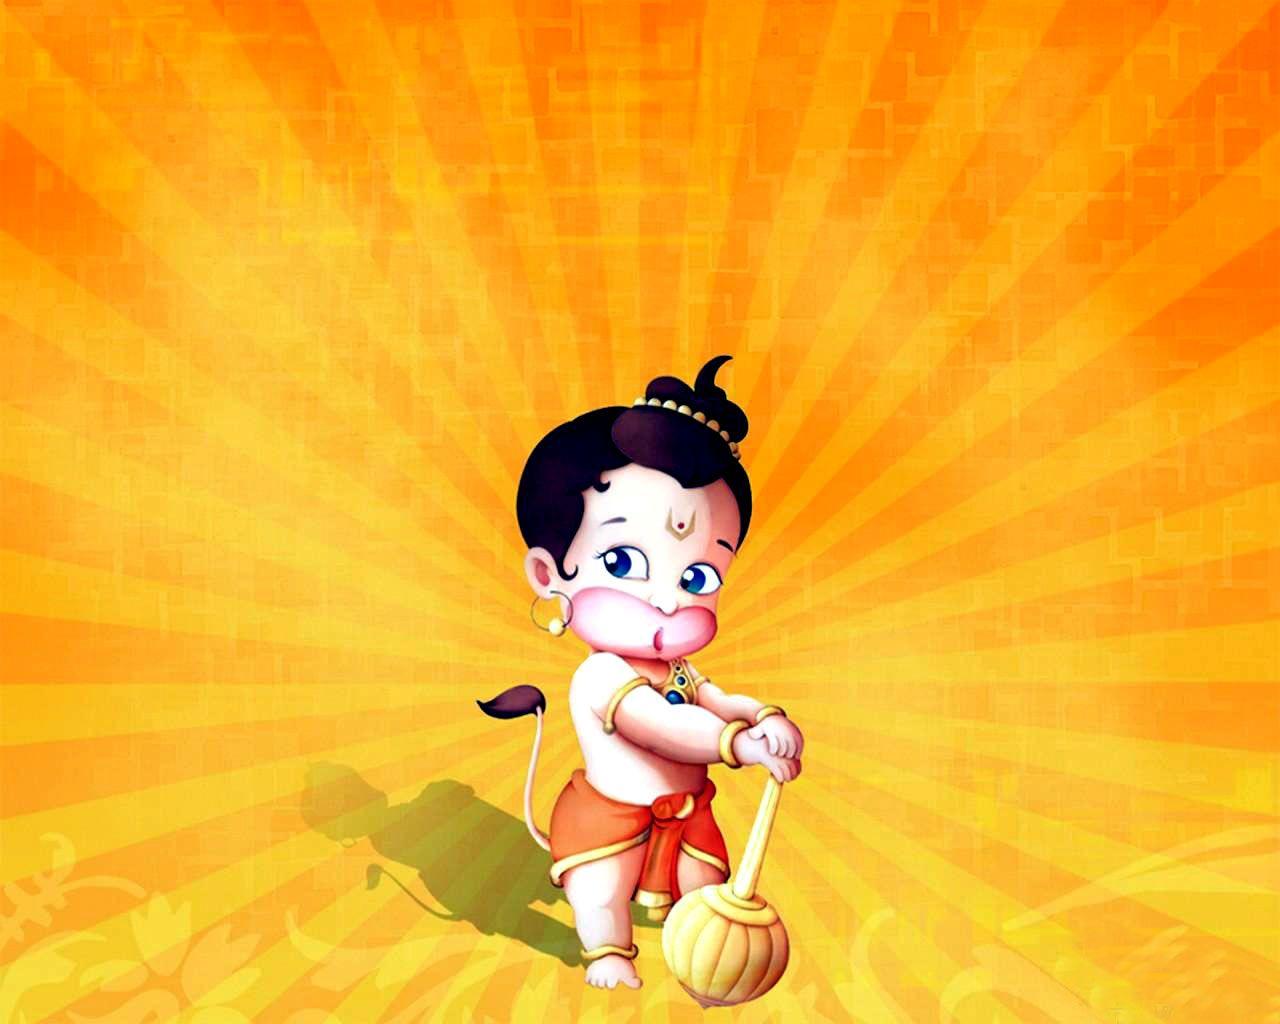 hanuman 2005 full movie in hindi free download